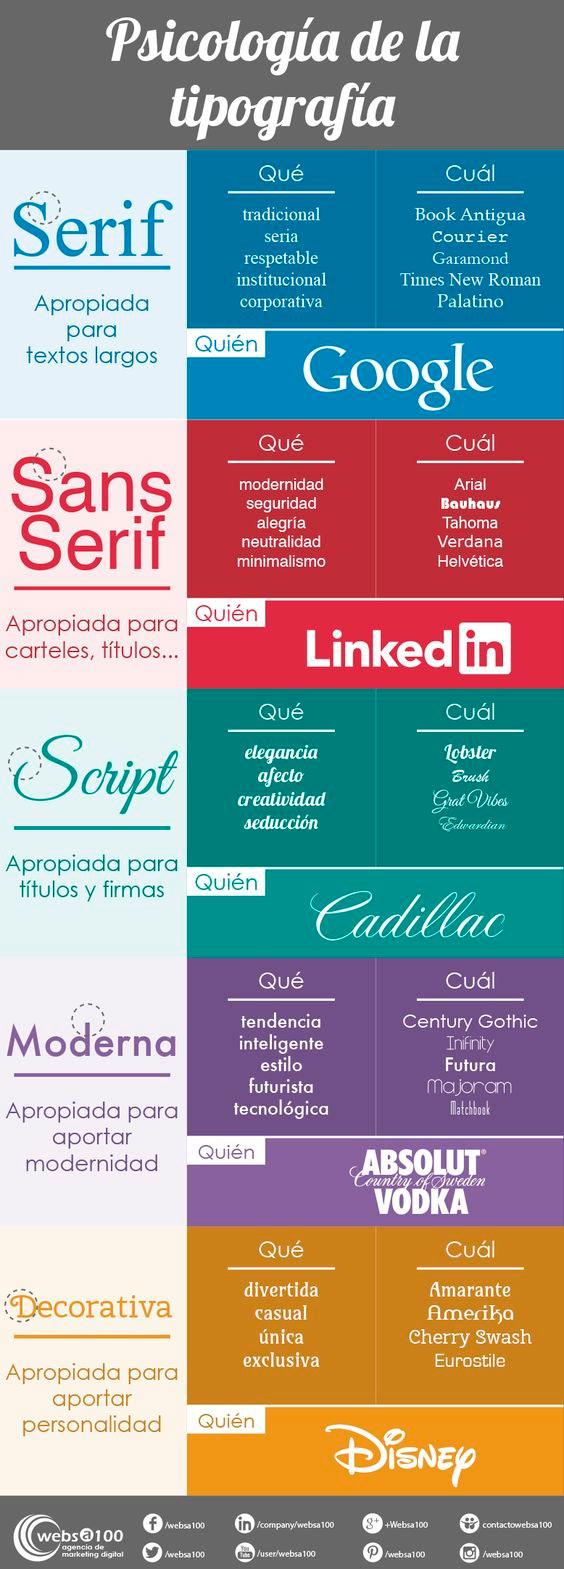 Infografía sobre la psicología de la tipografía.